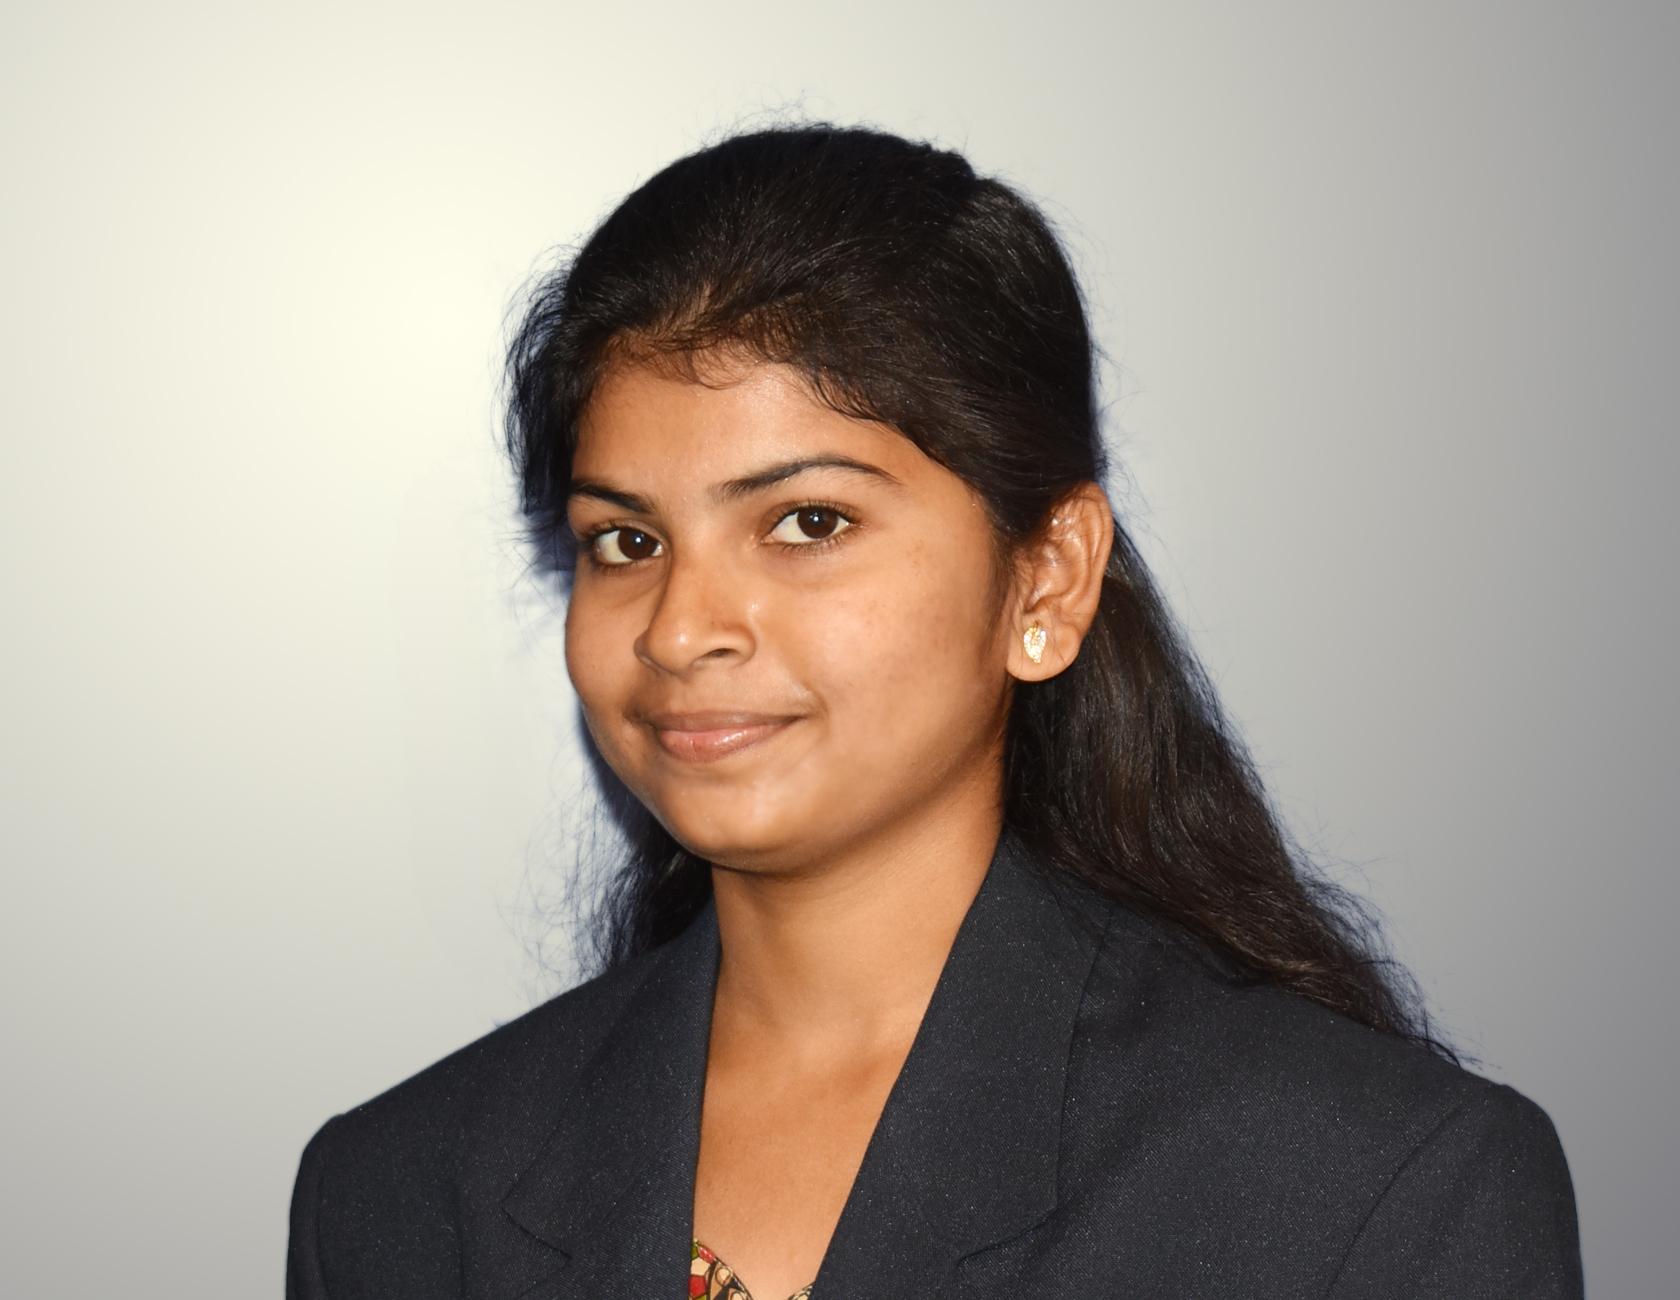 Shobha Rani Bandagonda